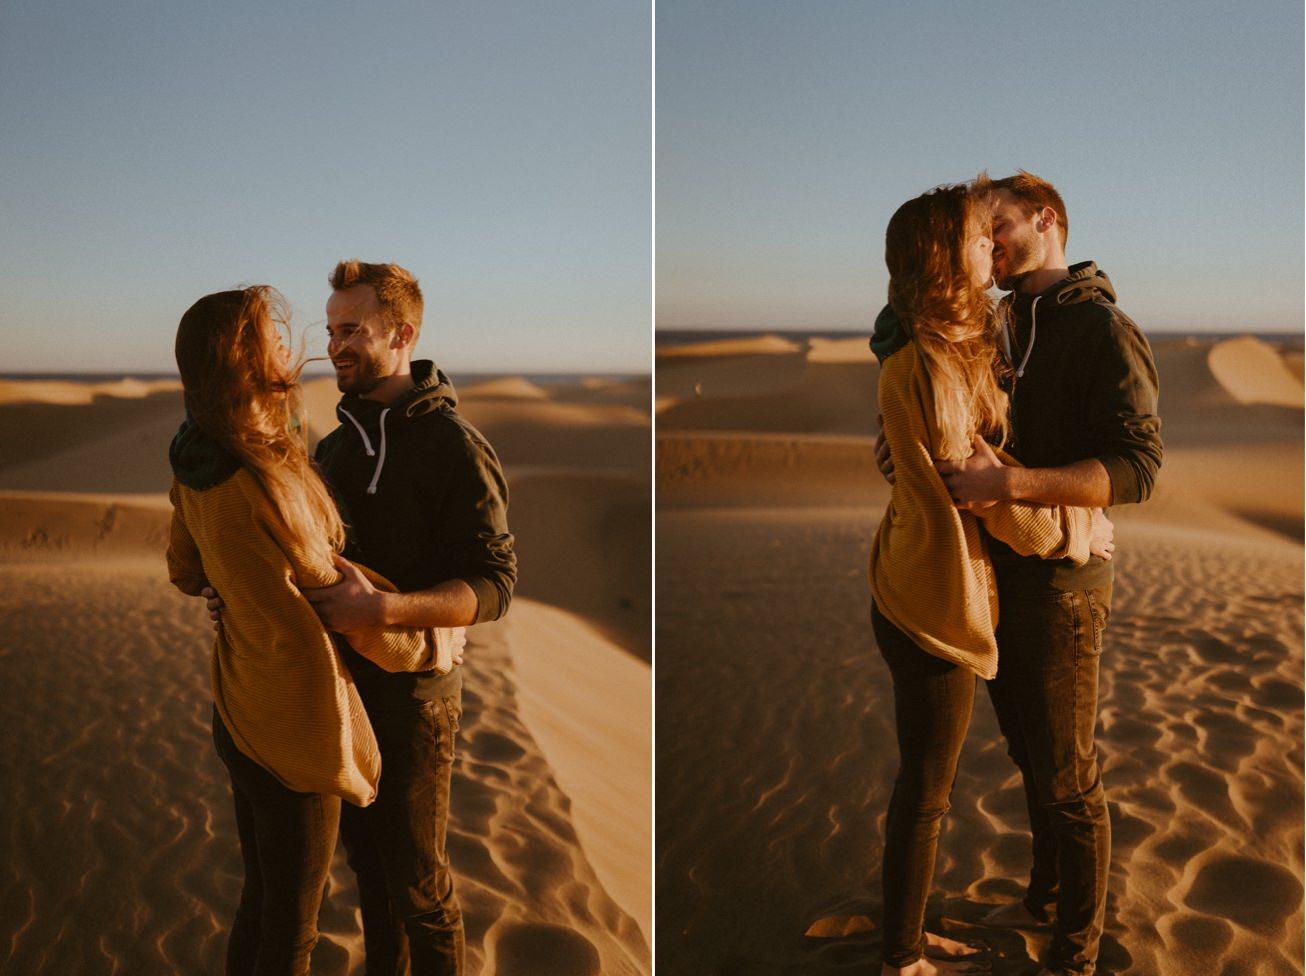 Spain Canary Islands Wedding couple photographer 4